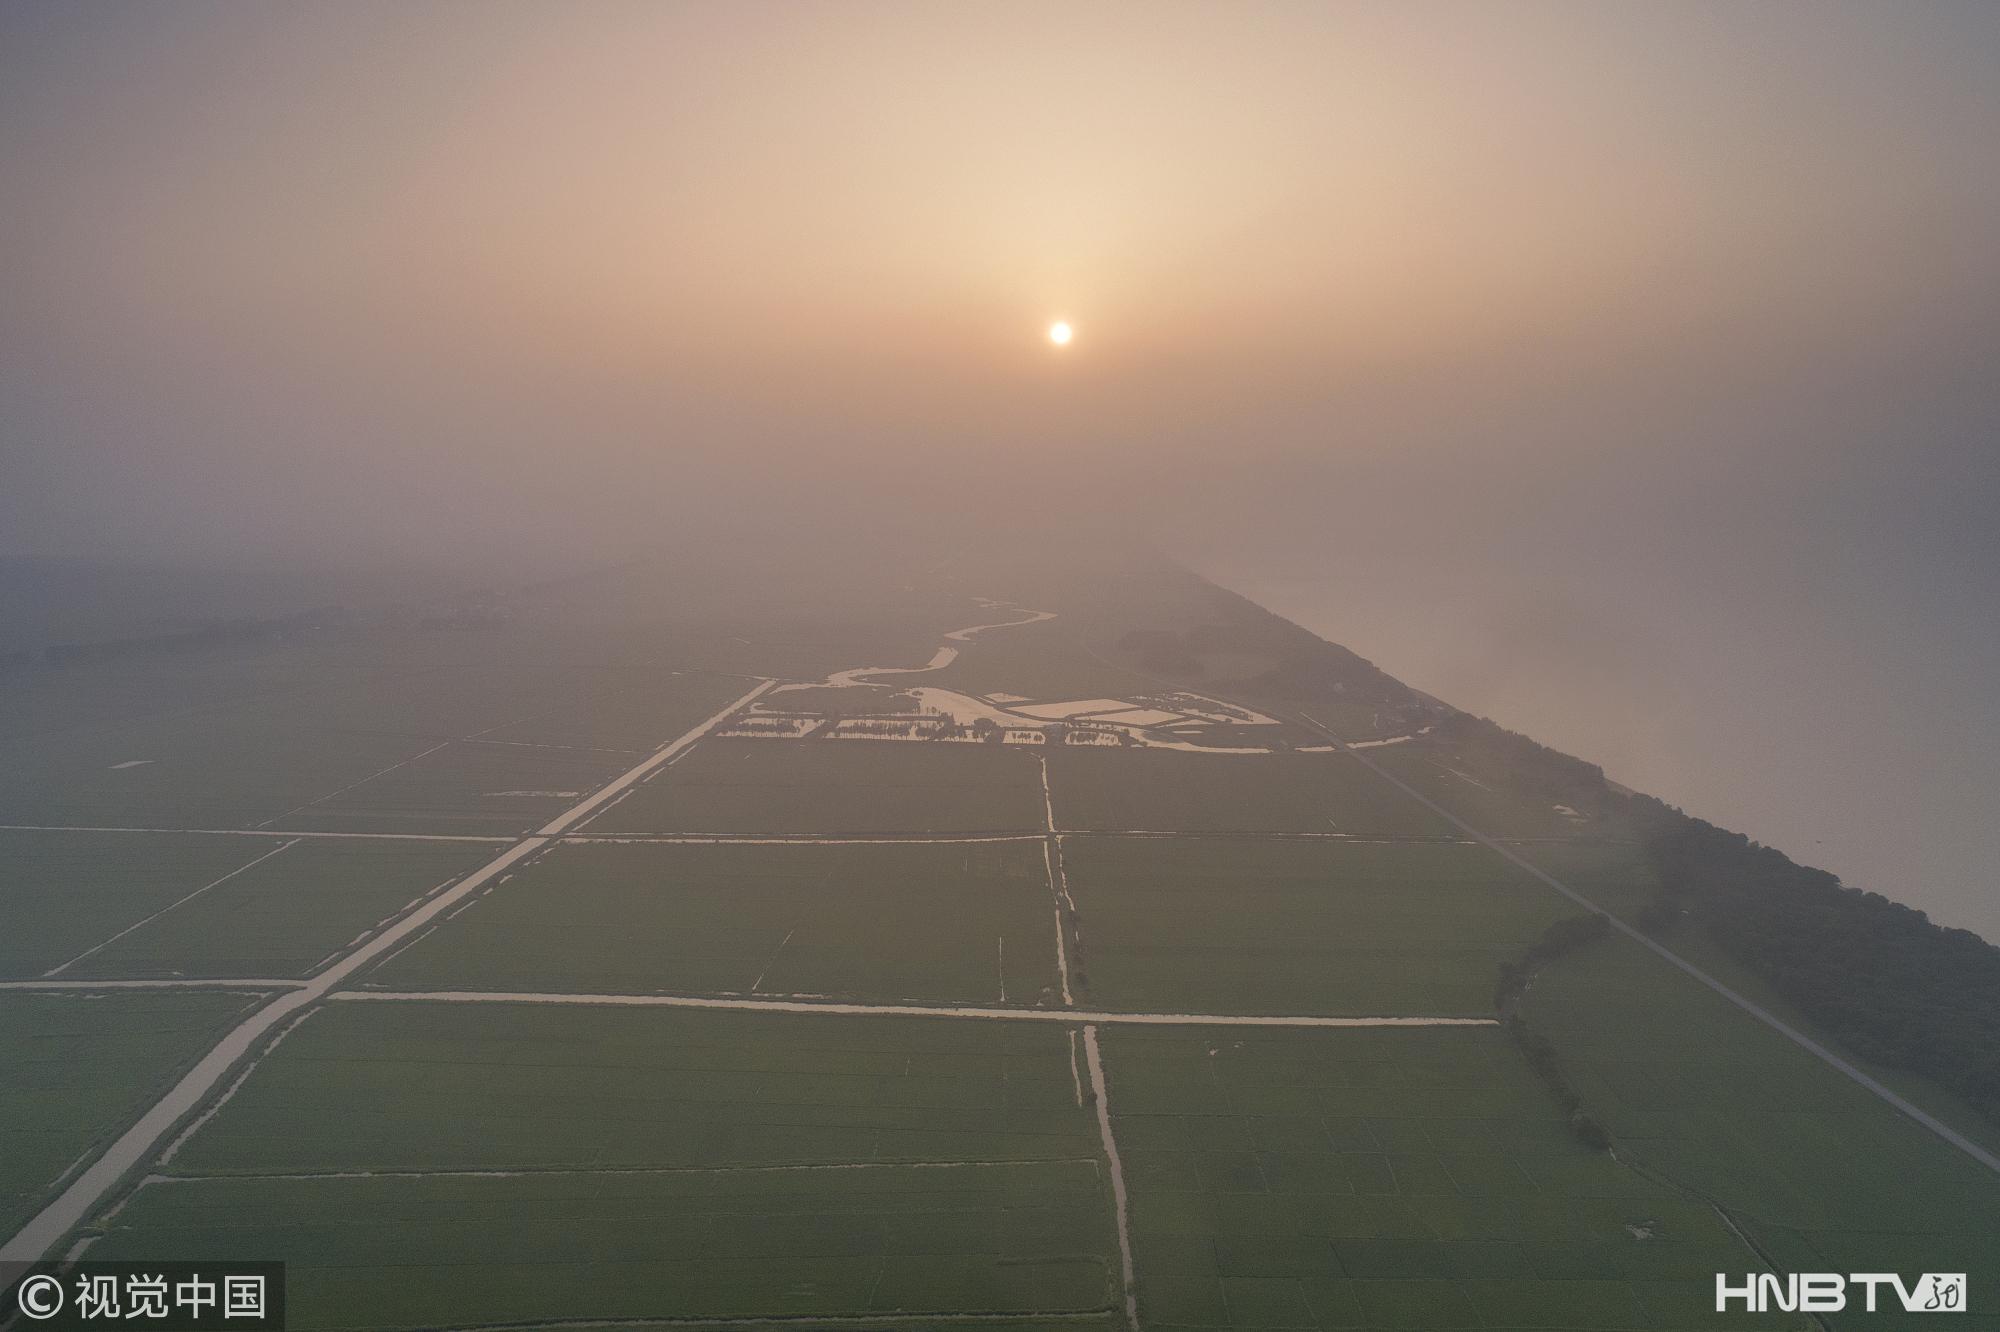 兴凯湖大雾弥漫如仙境(组图)